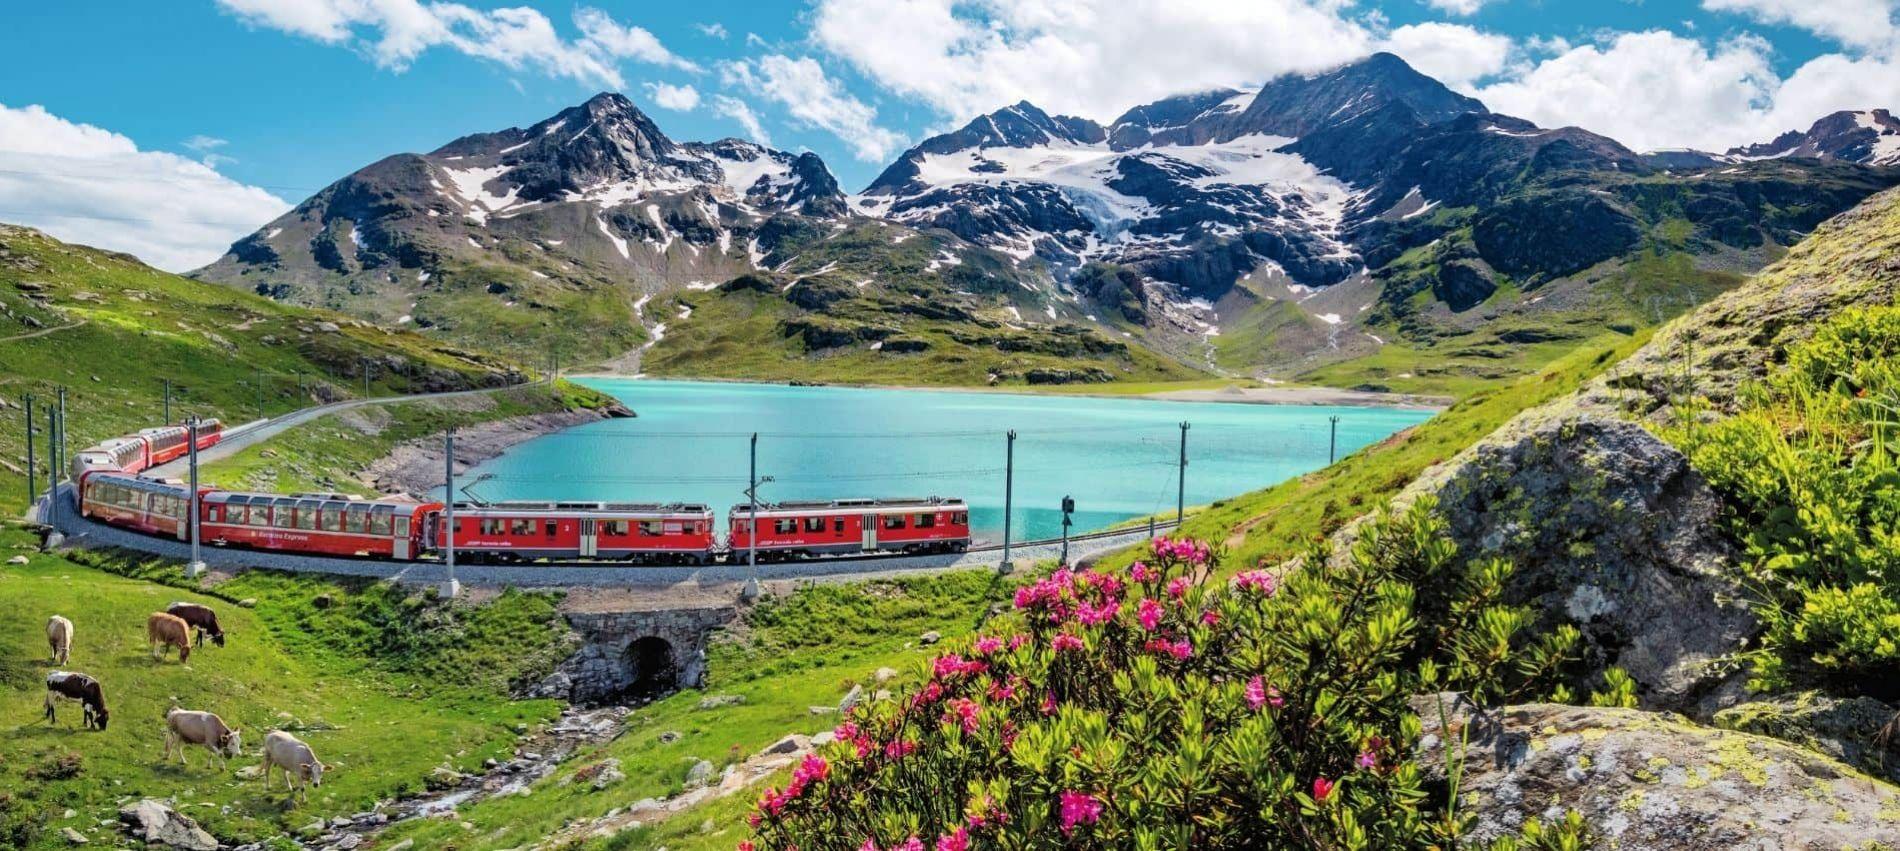 Viatja per Suïssa en tren